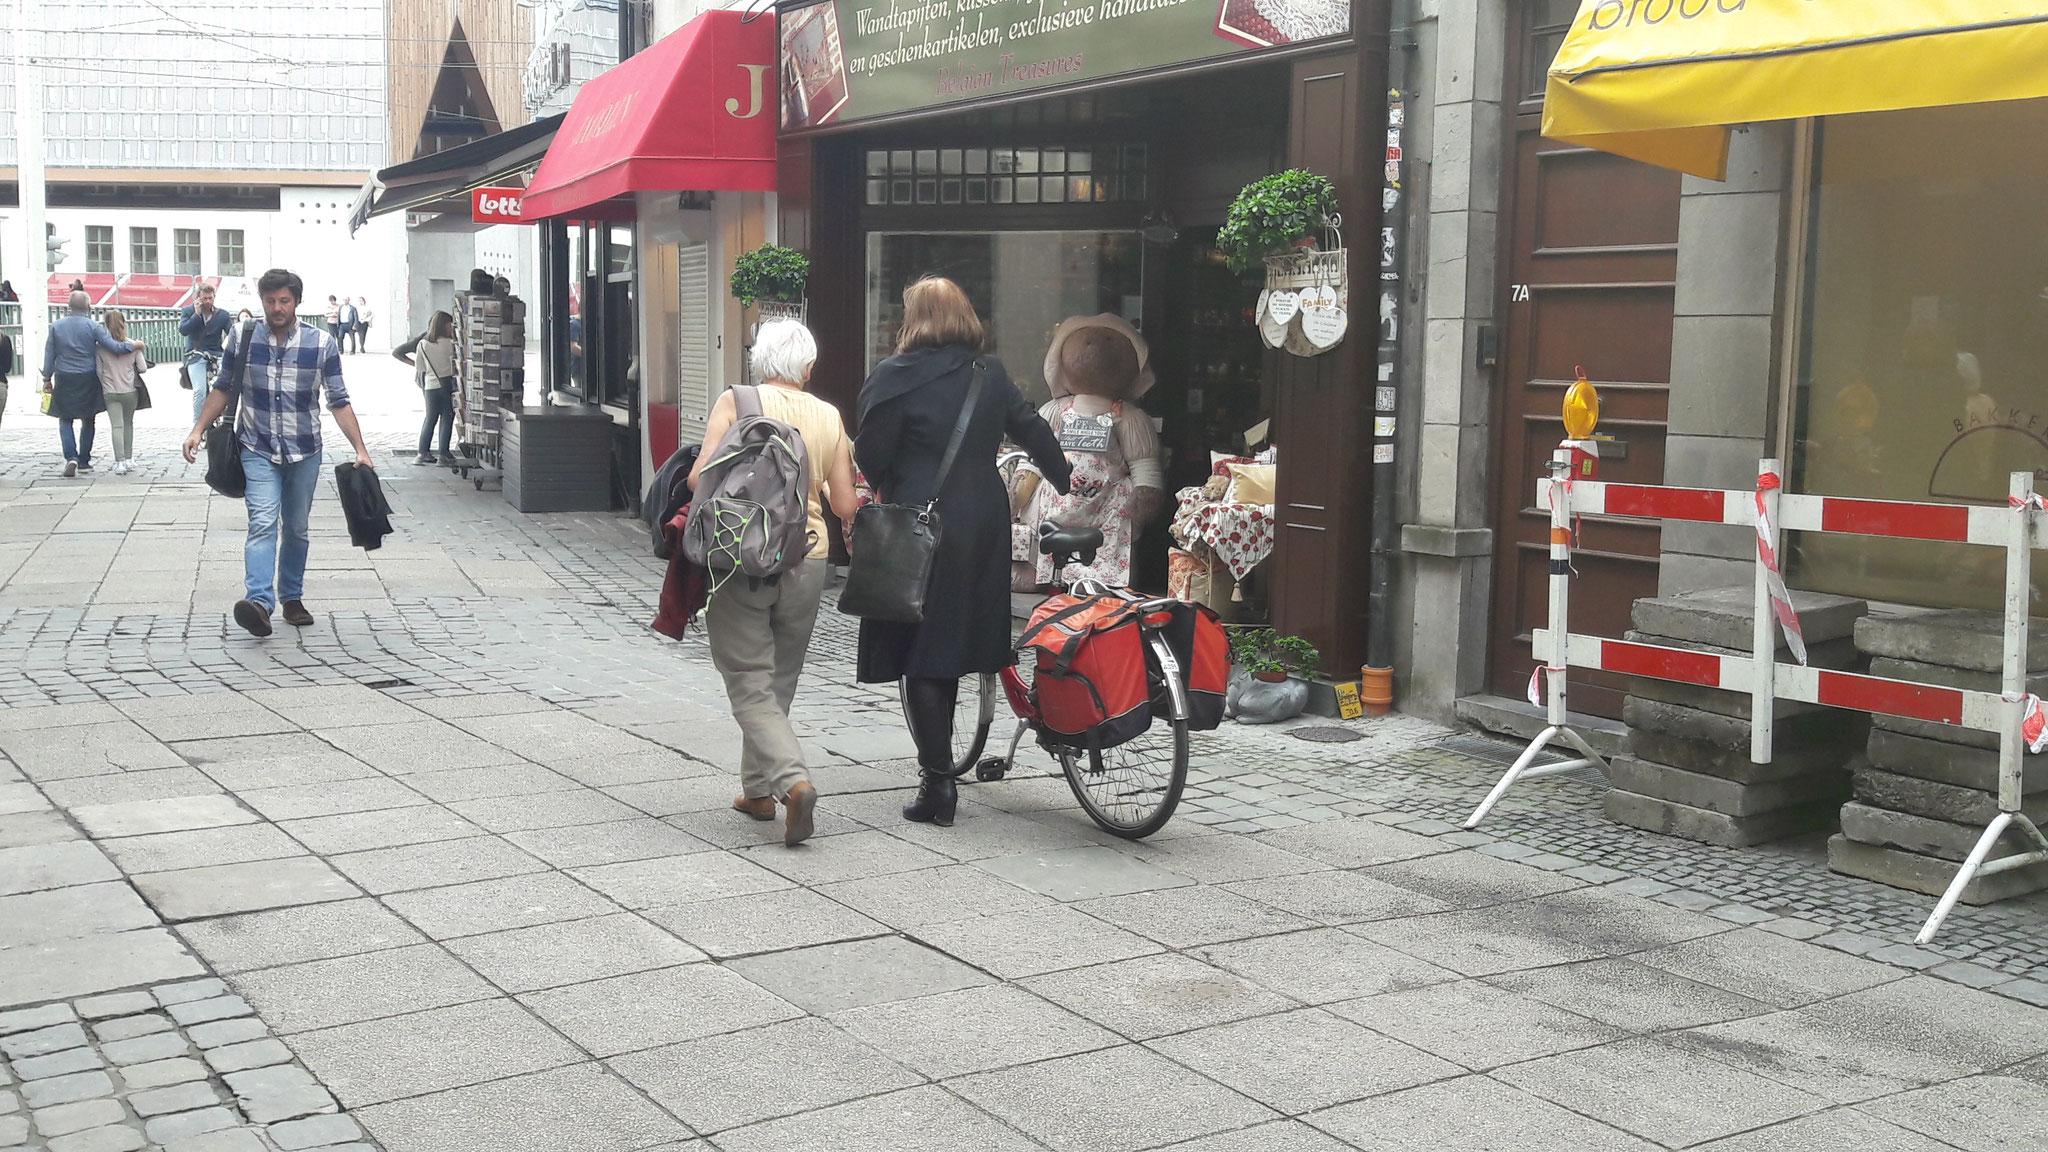 Die meisten hatten solche Taschen an ihren Rädern, umso bunter, umso schöner